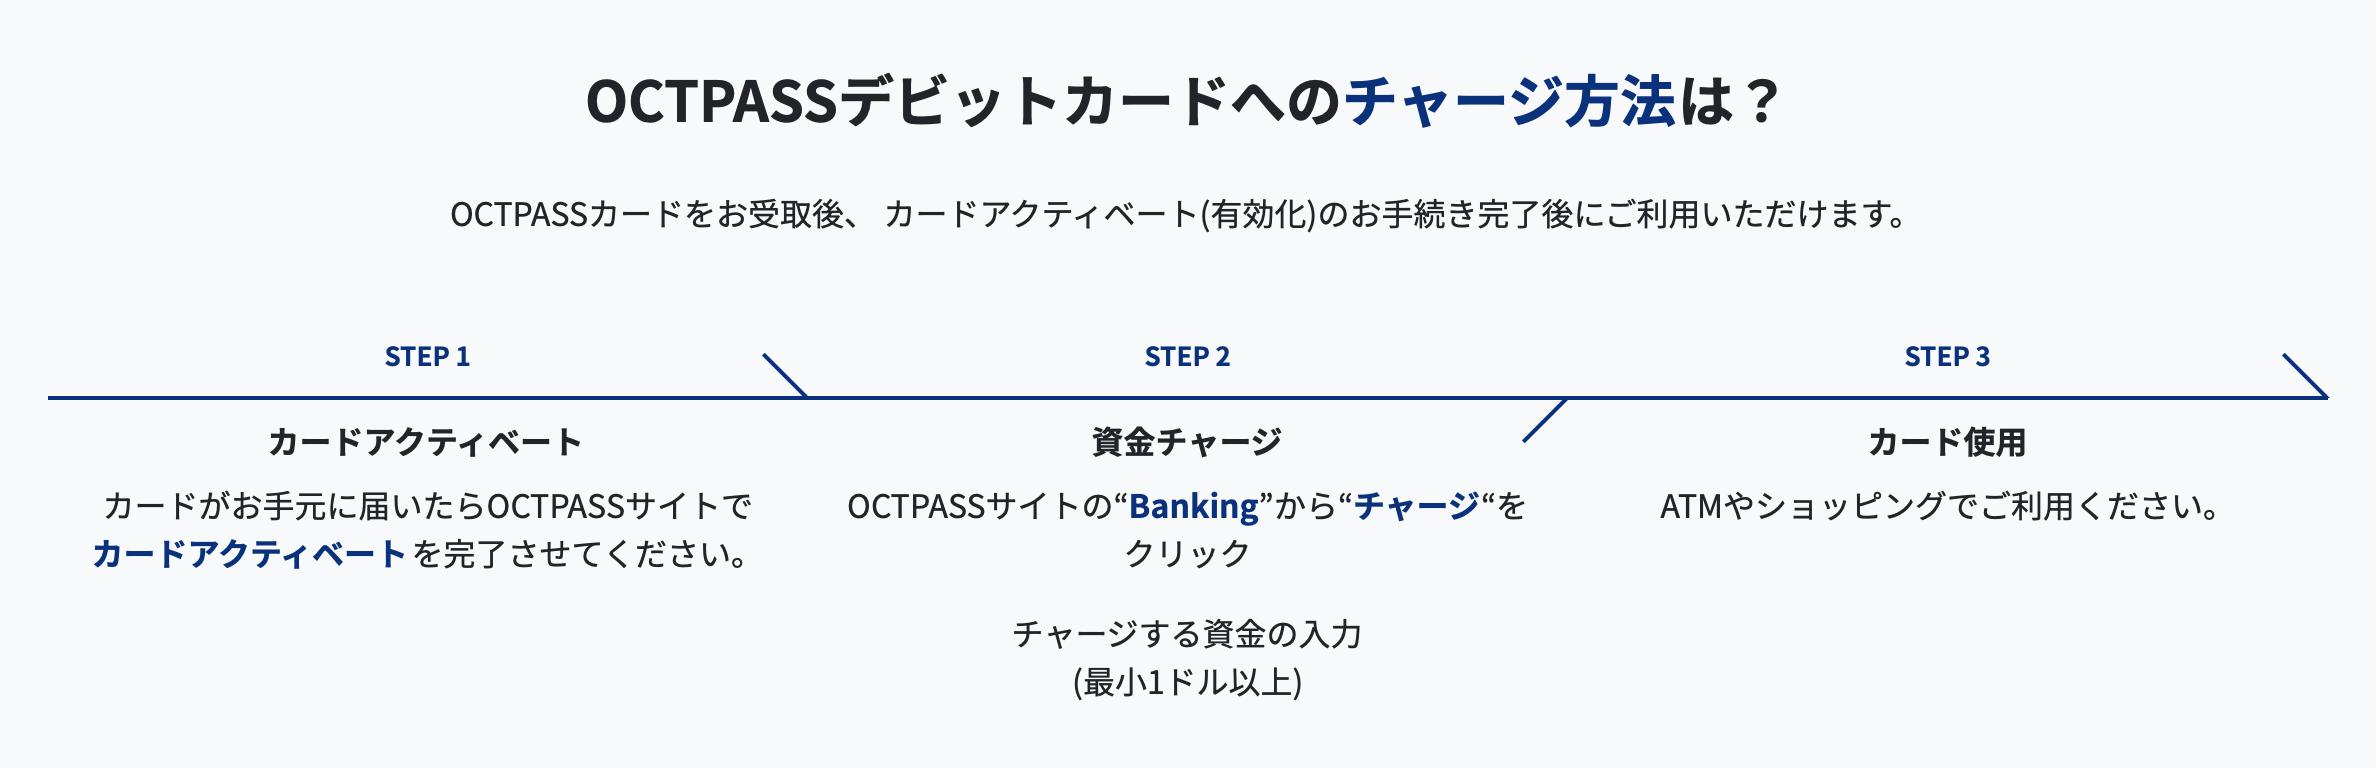 """OCTPASSカードをお受取後、 カードアクティベート(有効化)のお手続き完了後にご利用いただけます。 STEP 1 カードアクティベート カードがお手元に届いたらOCTPASSサイトで カードアクティベートを完了させてください。 STEP 2 資金チャージ OCTPASSサイトの""""Banking""""から""""チャージ""""をクリック チャージする資金の入力 (最小1ドル以上) STEP 3 カード使用 ATMやショッピングでご利用ください。"""